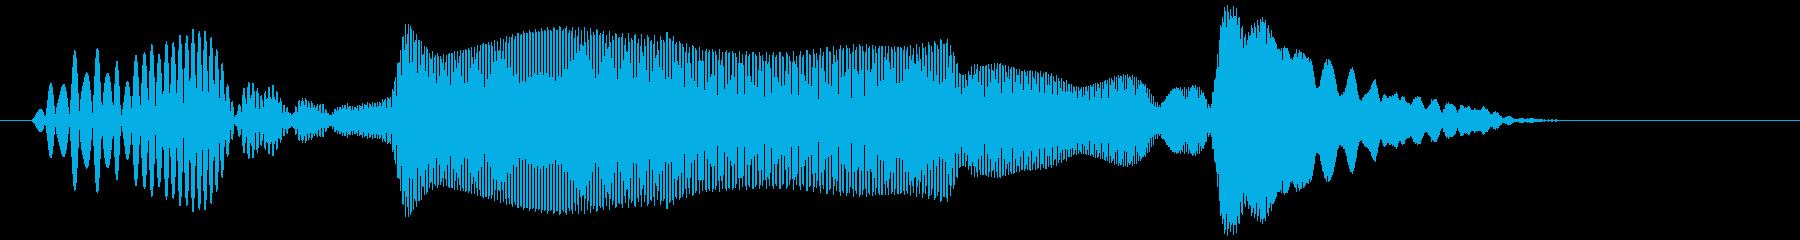 ピョイ(コミカル・はねる・ジャンプ)の再生済みの波形